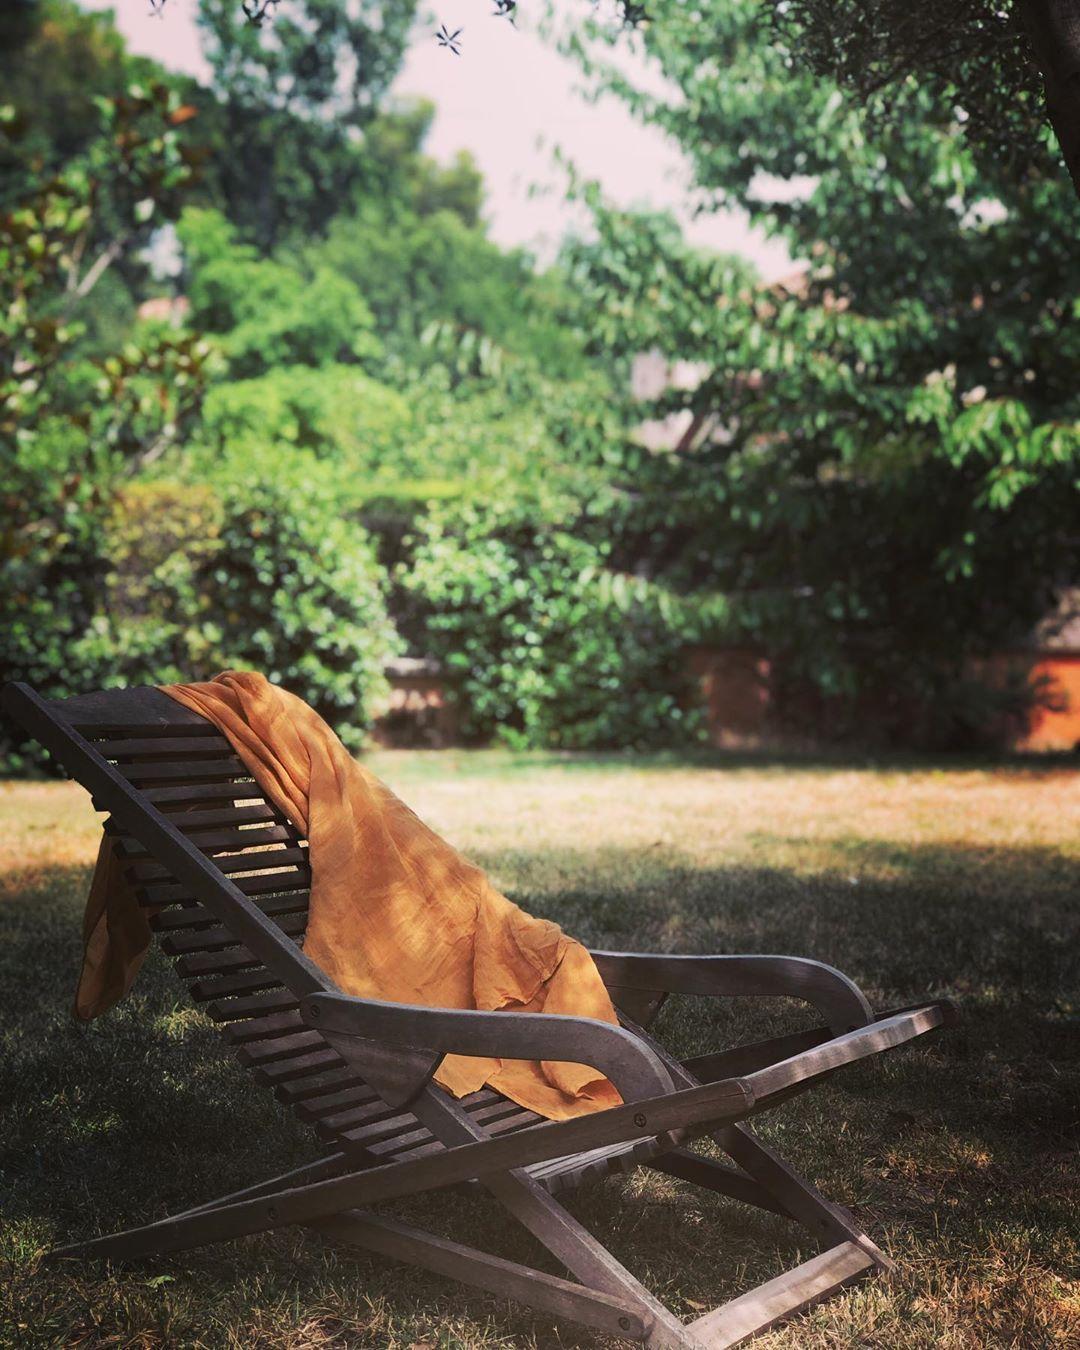 crislastraravn   Summertime and the livin' is easy #caughtmyeye